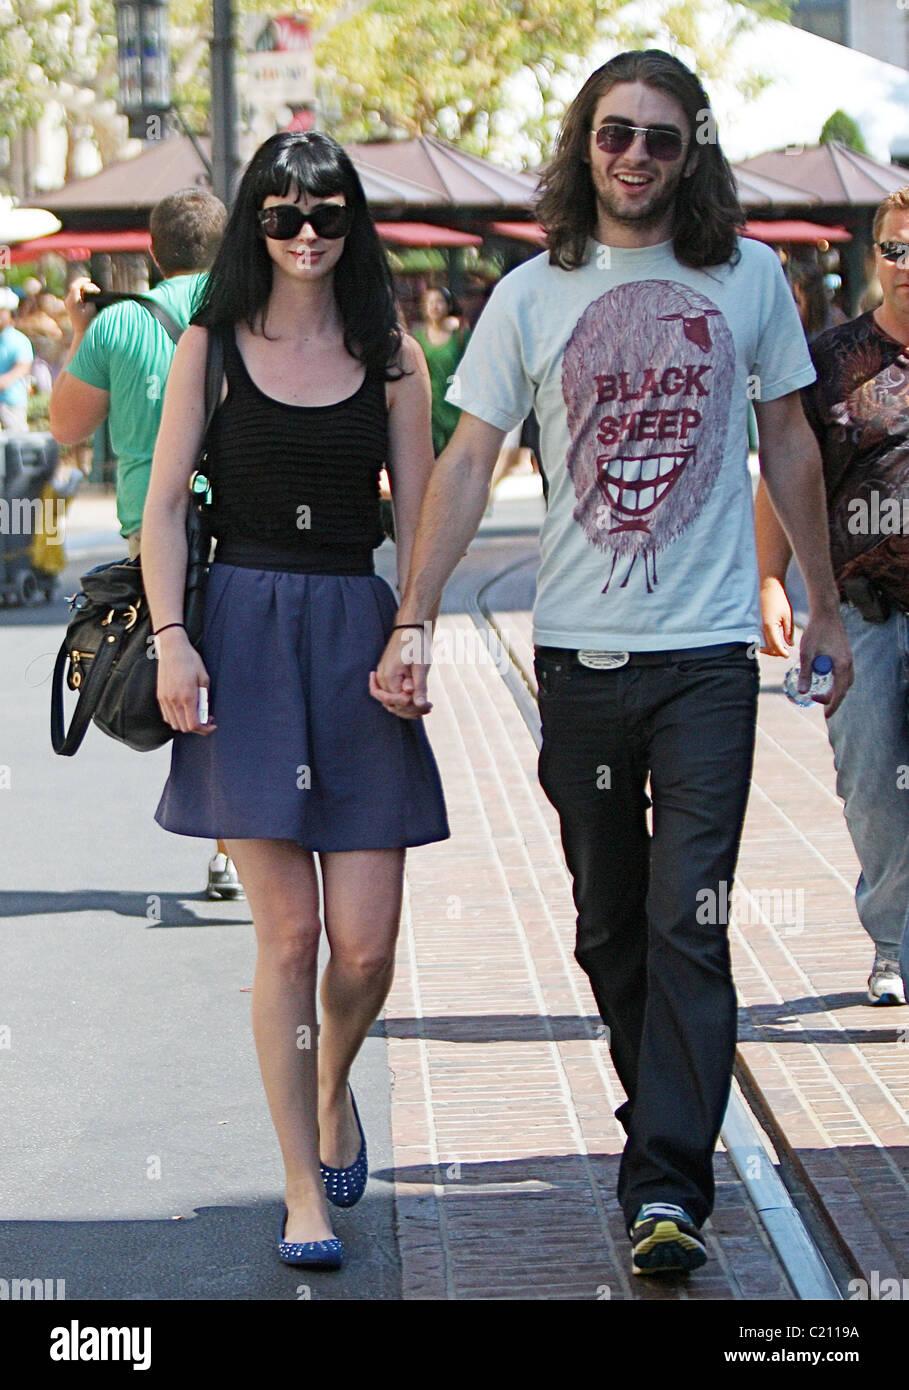 Actress Krysten Ritter and her boyfriend go shopping at a ...